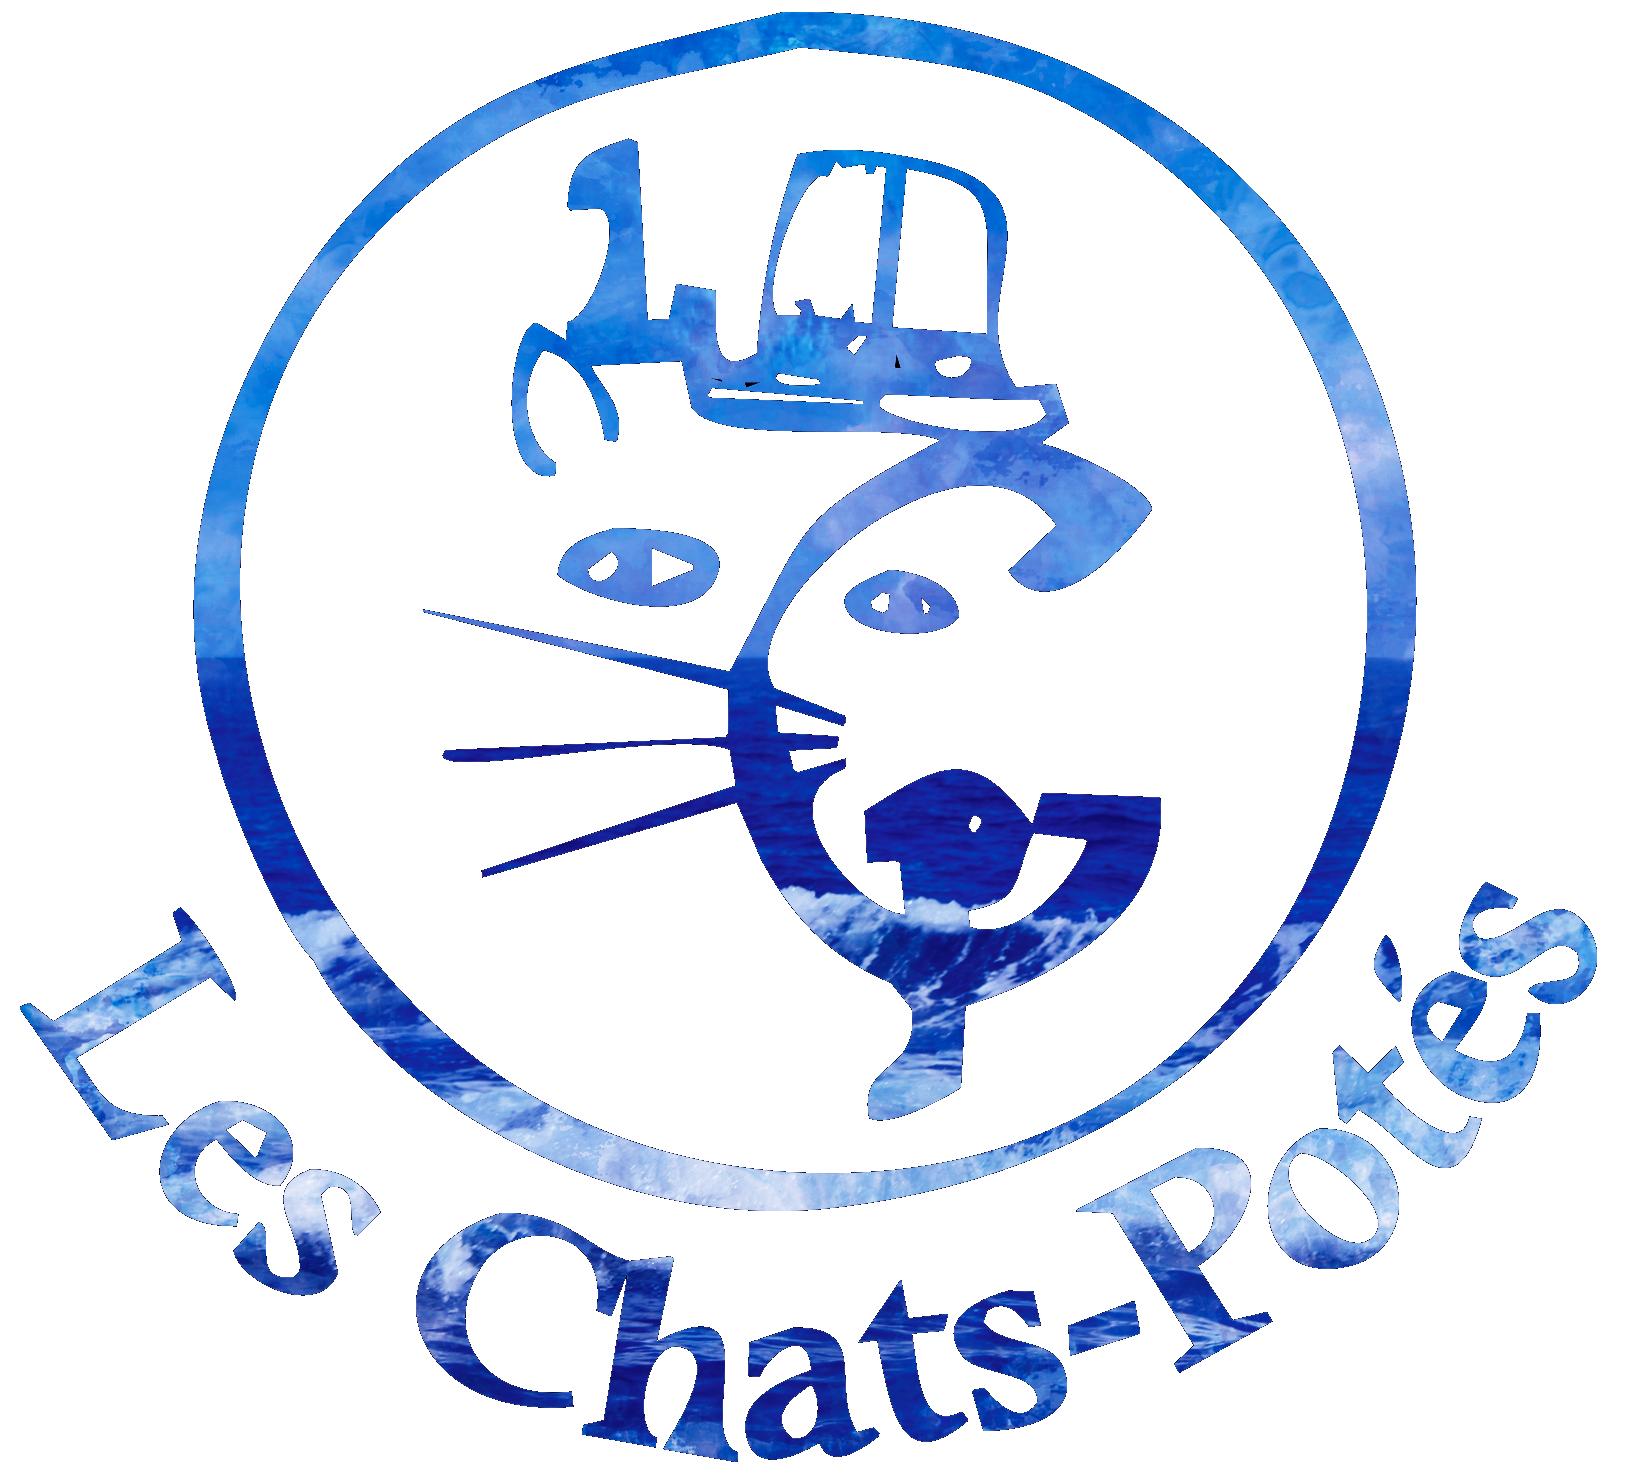 Les Chats Potés